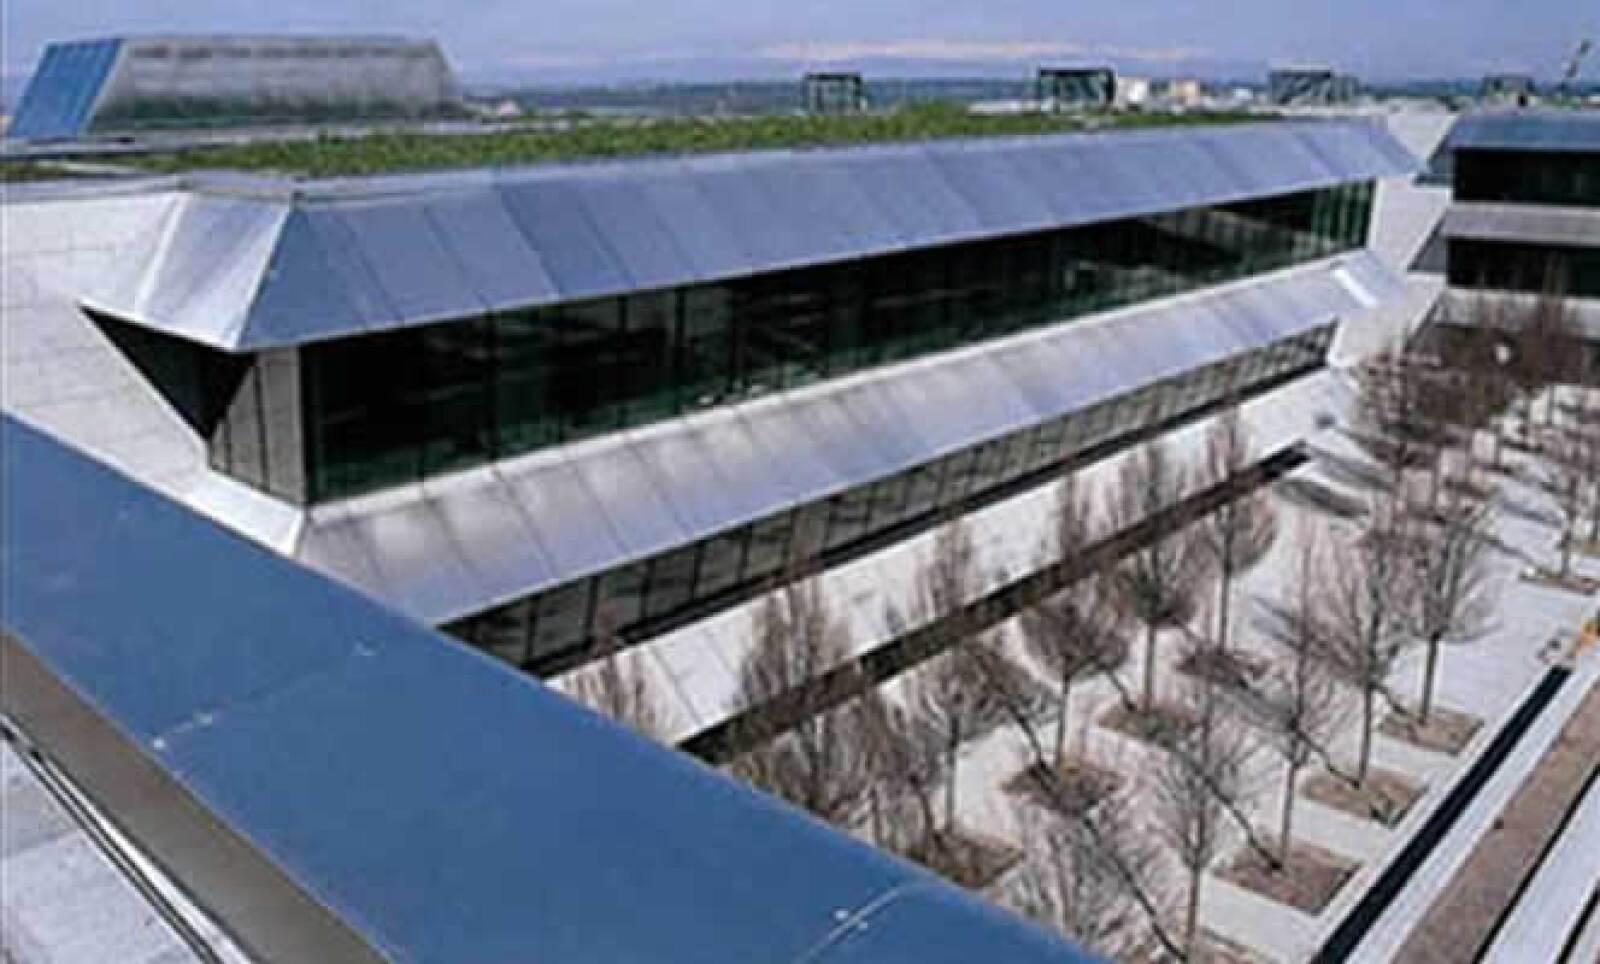 La empresa ayudó a construir la Ciudad Financiera del Banco Santander, bajo el liderazgo del arquitecto Kevin Roche. El tipo de vidrio utilizado fue el Isolar Solarlux Supernatural 68/34 con Multipact.